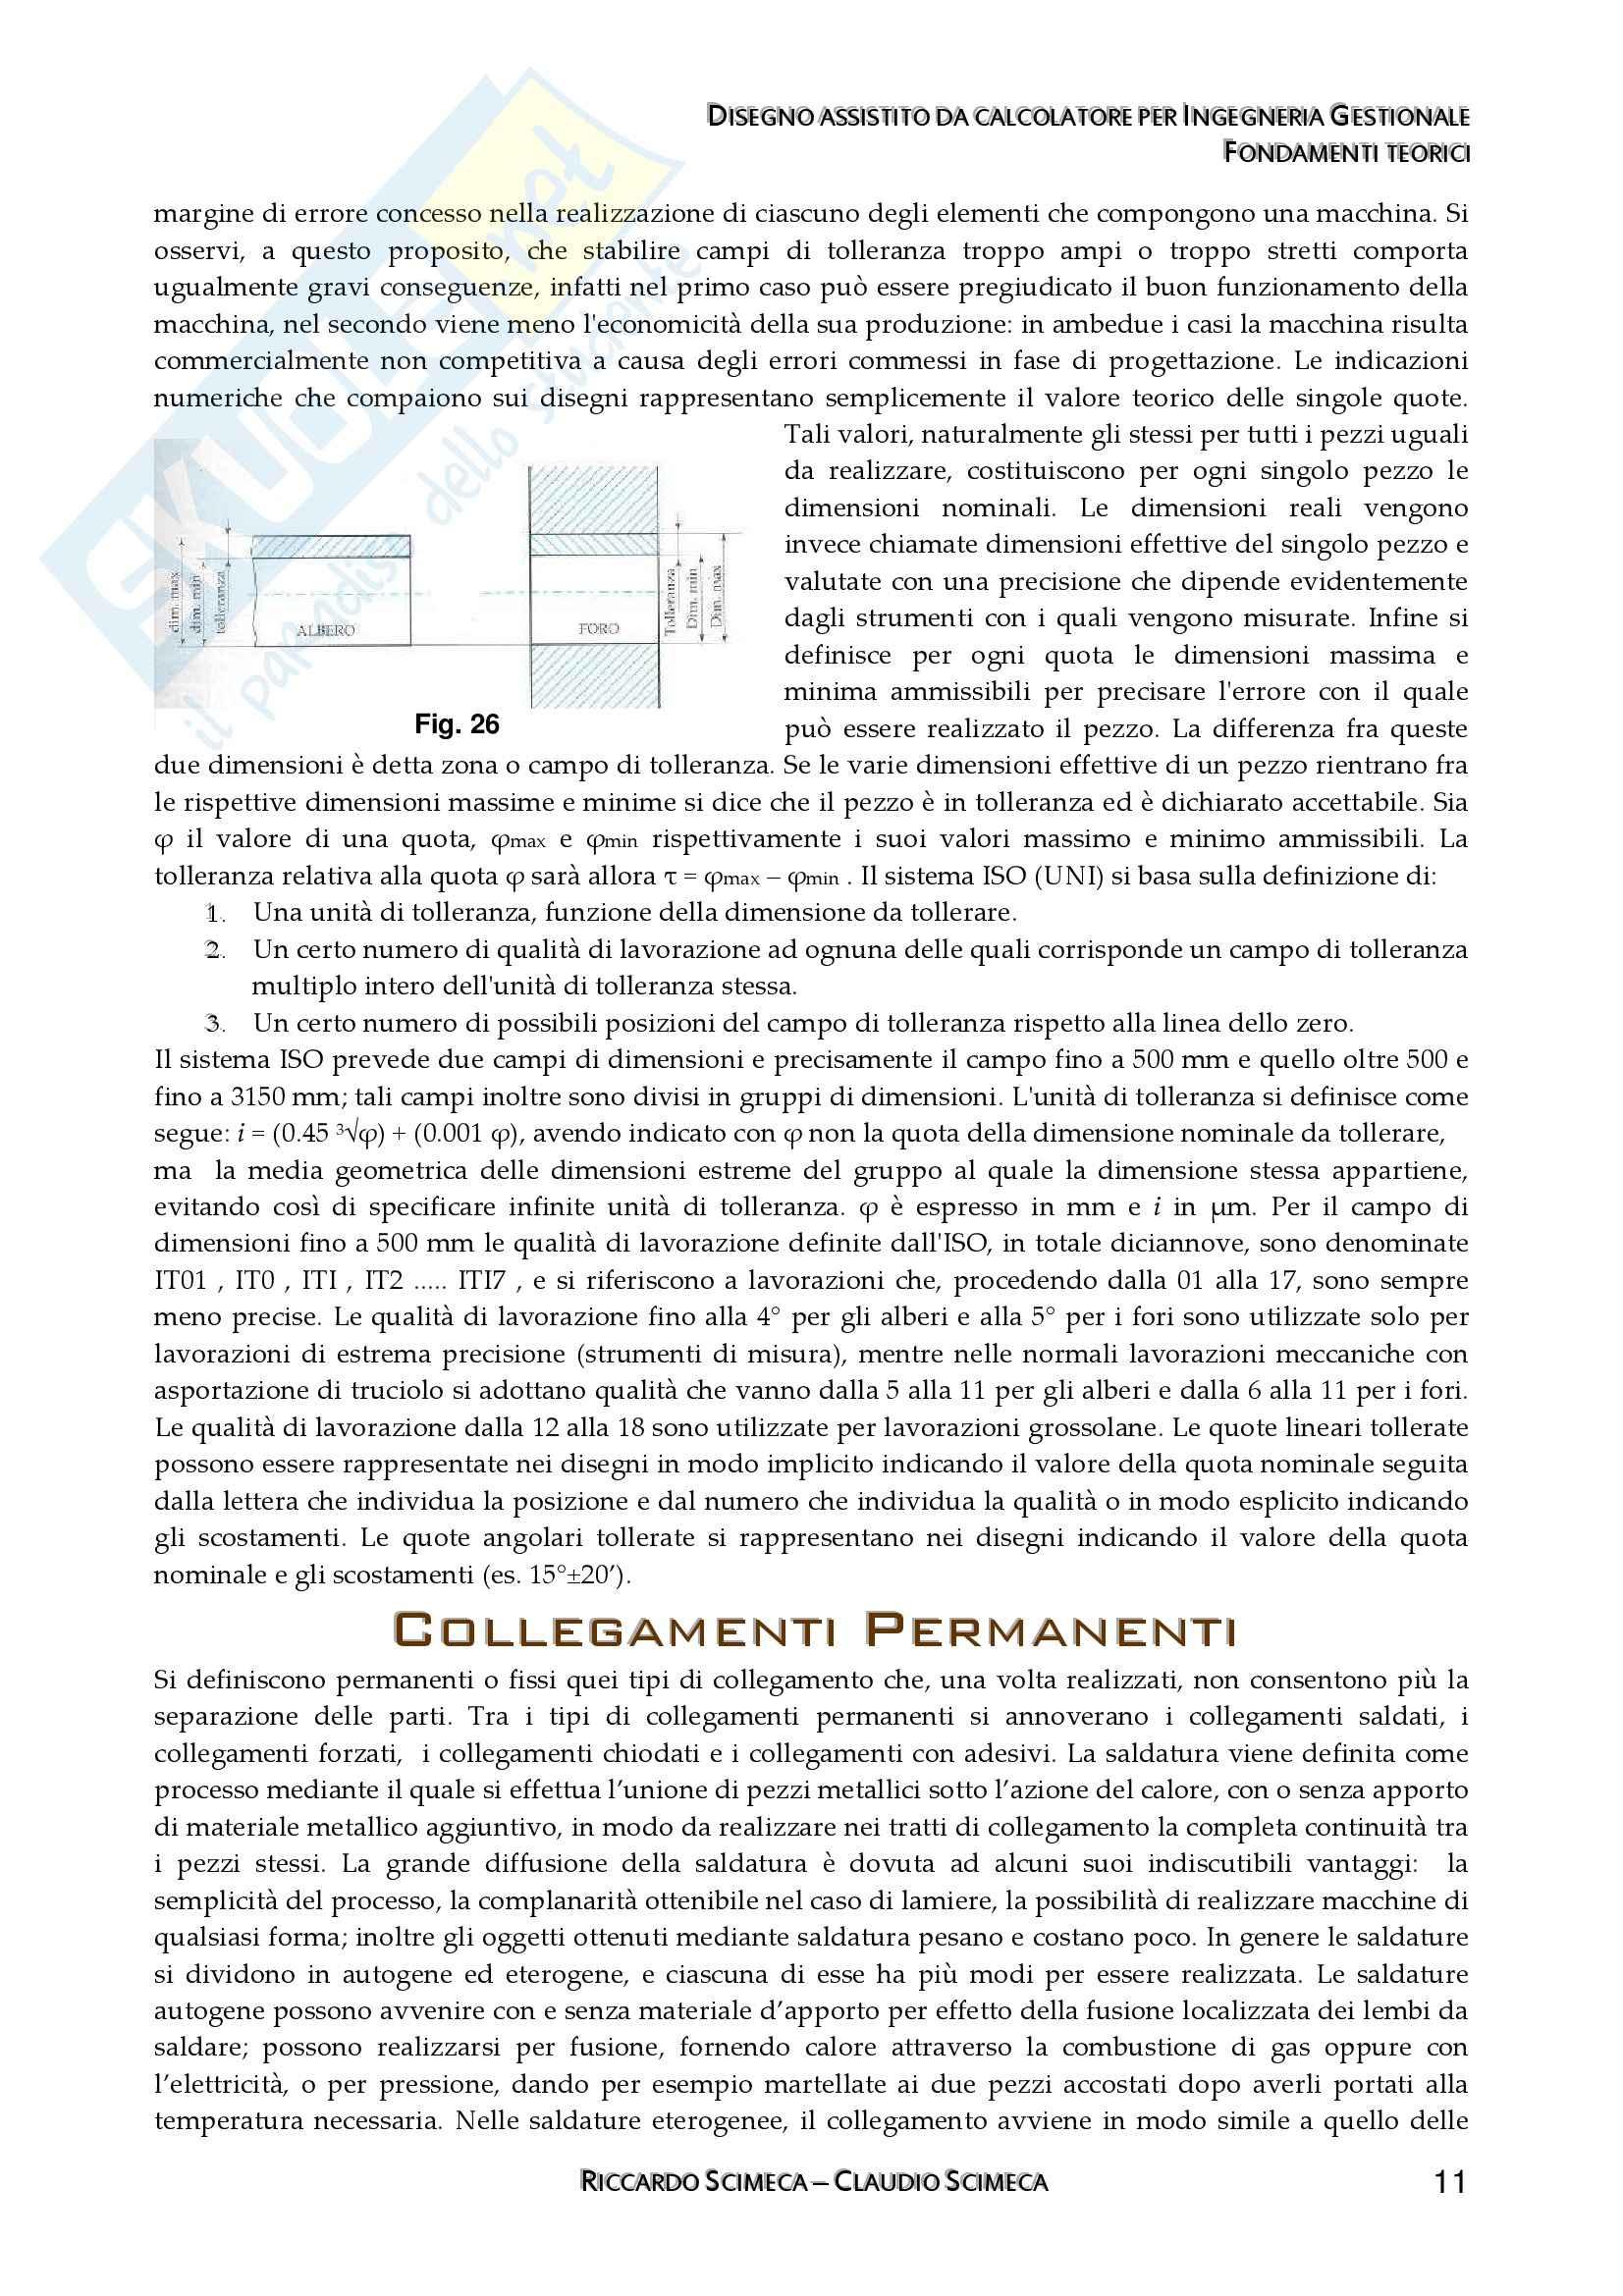 Disegno assistito da calcolatore - Appunti Pag. 11